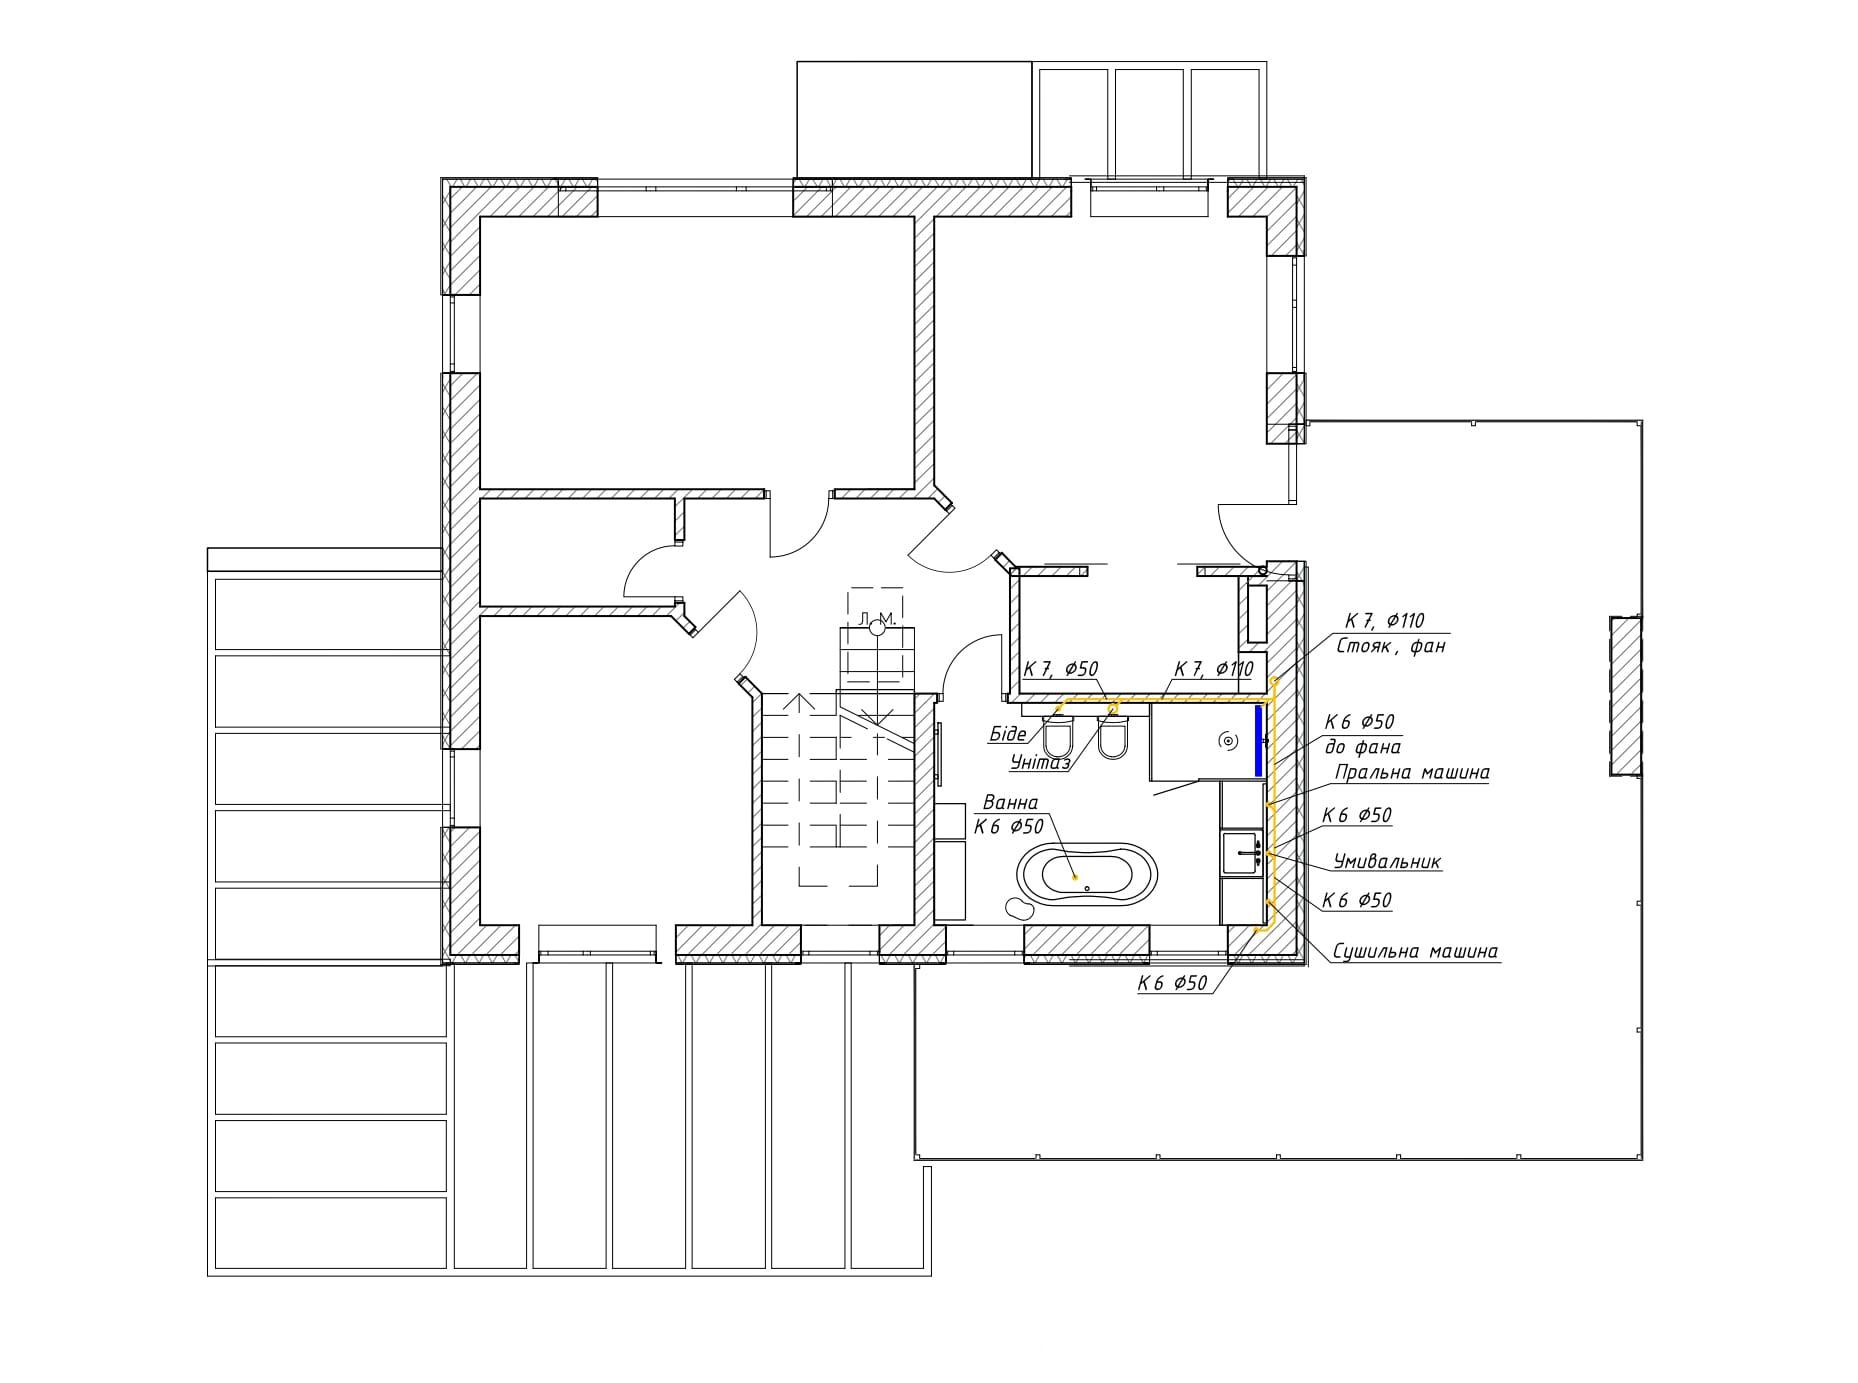 Проектирование канализации на 2 этаже частного дома